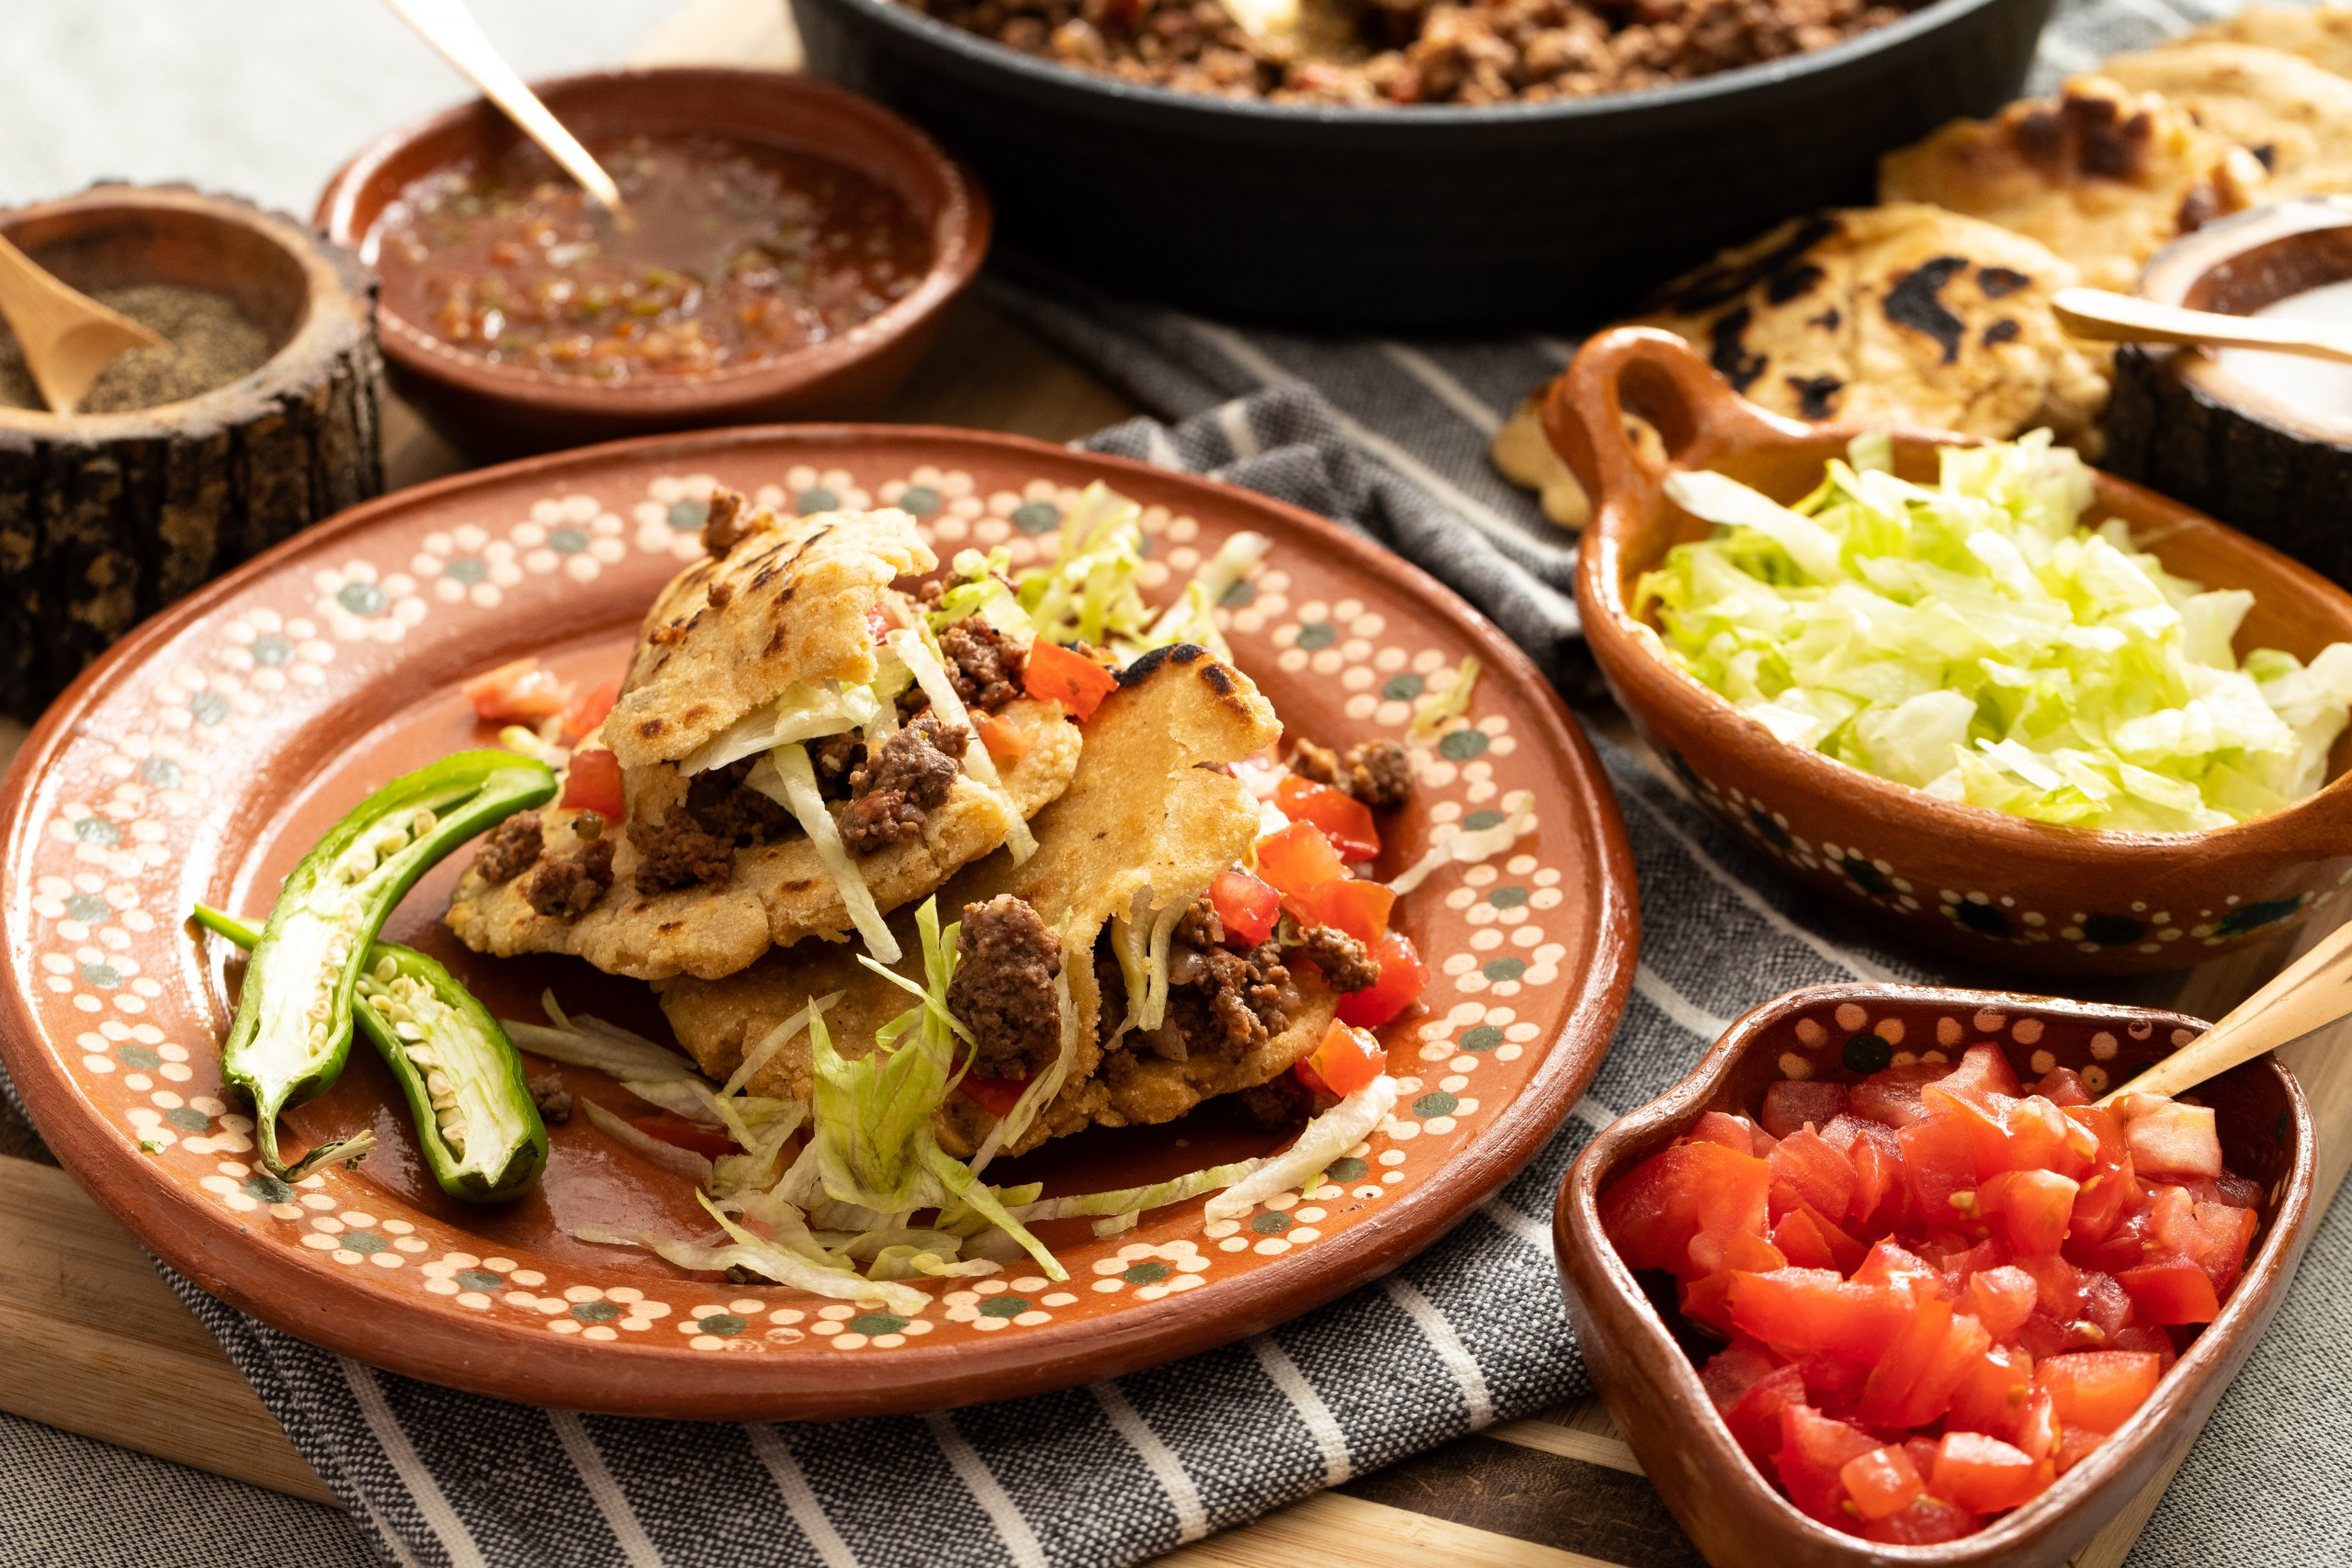 gorditas for dinner